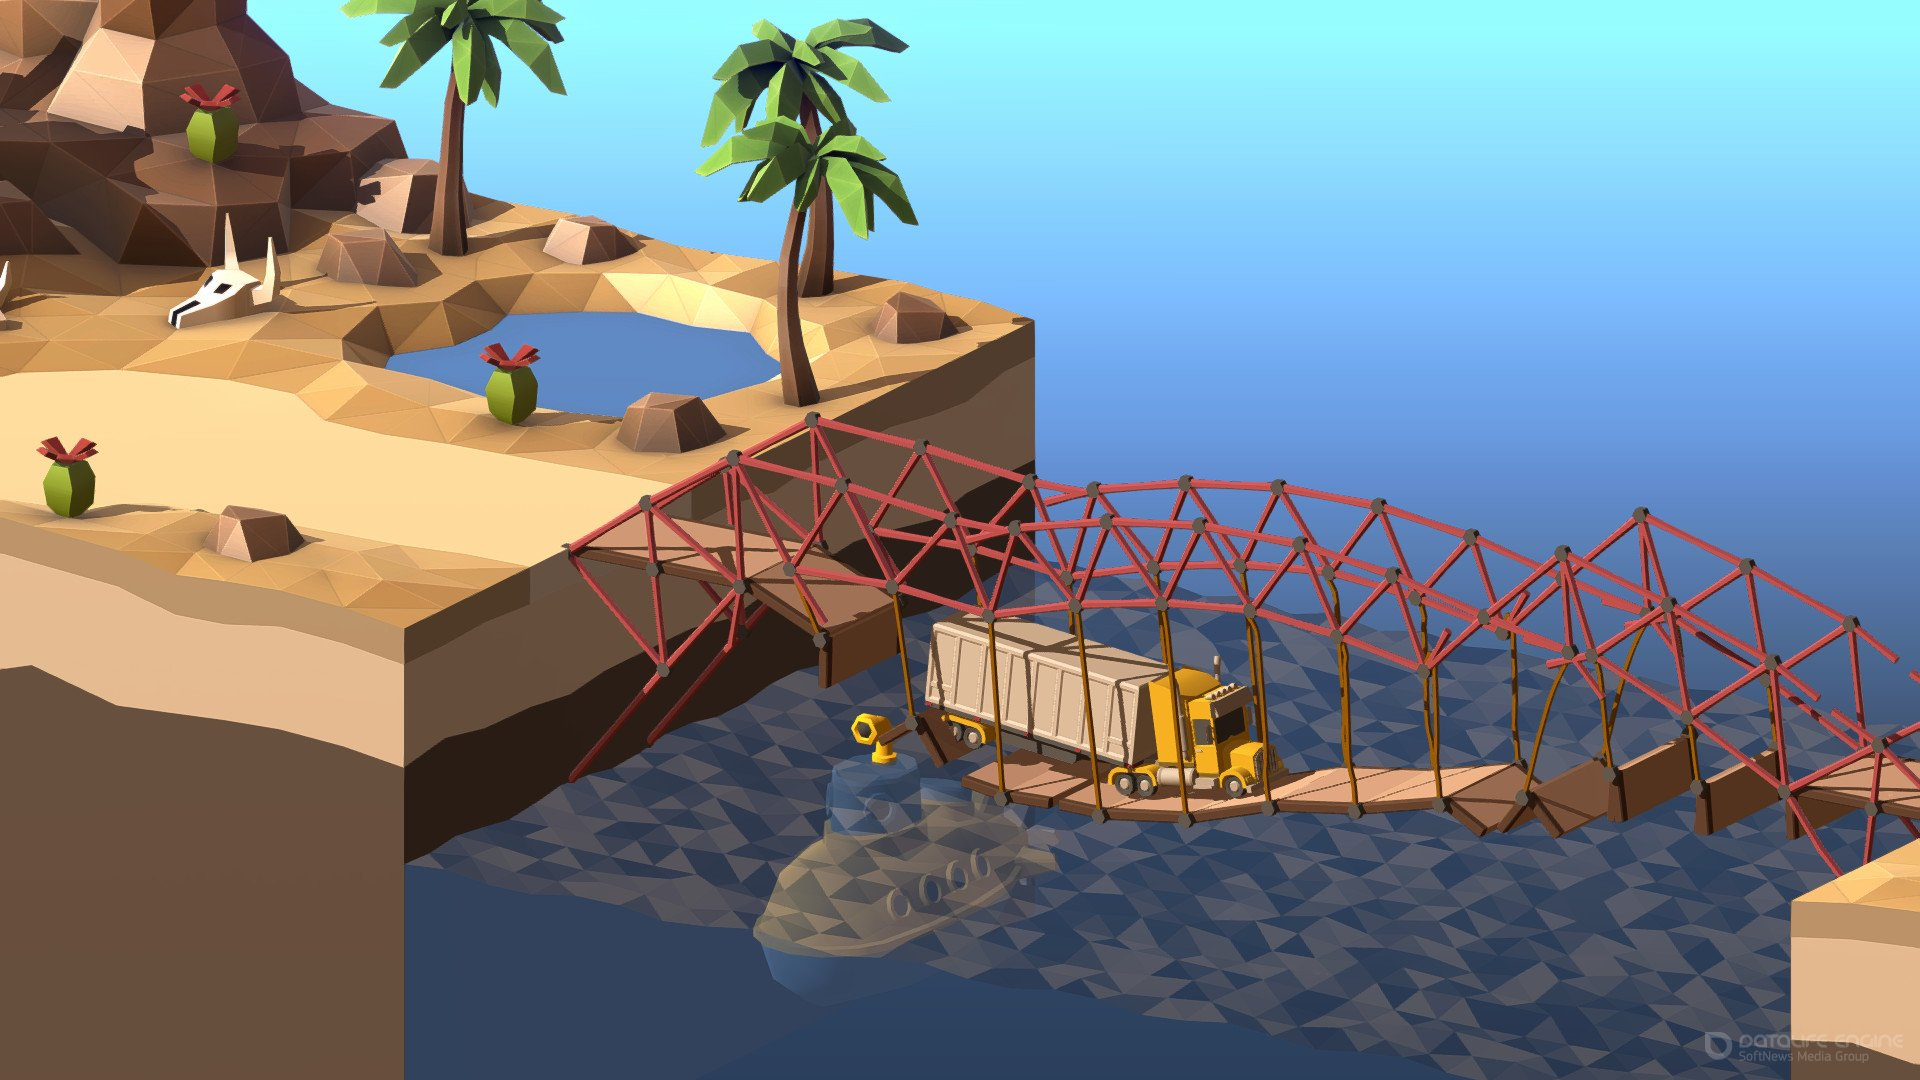 Скриншот к игре Poly Bridge 2 (2020) скачать торрент RePack